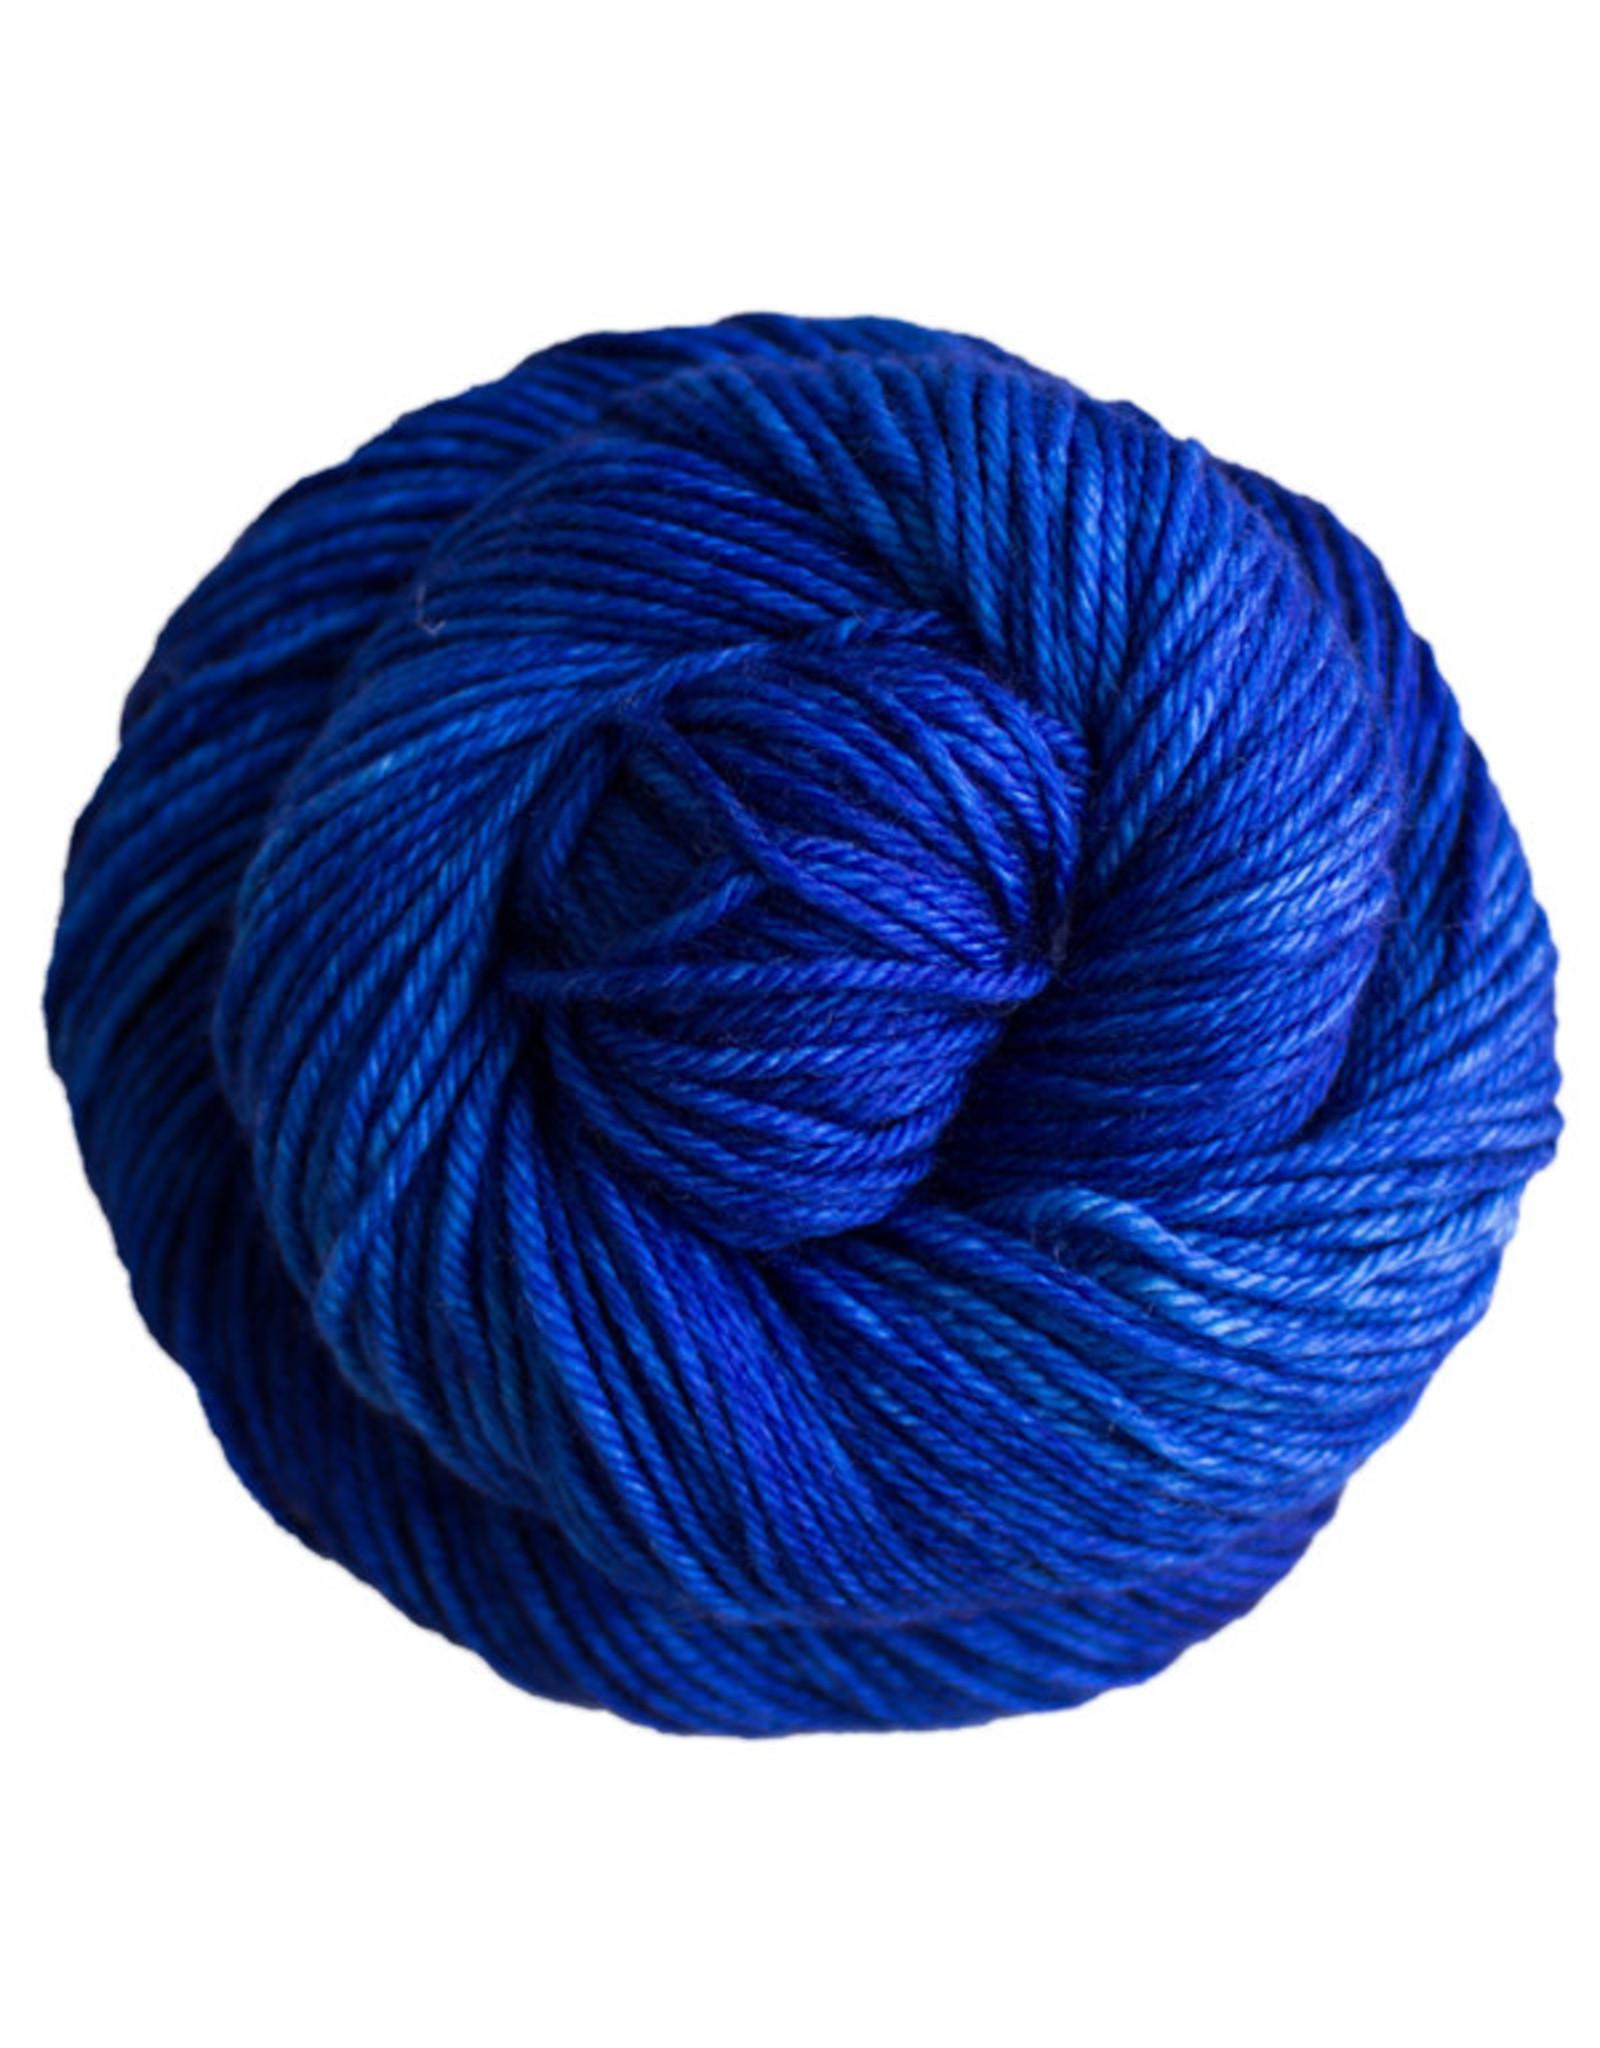 Malabrigo 415 Matisse Blue - Caprino - Malabrigo